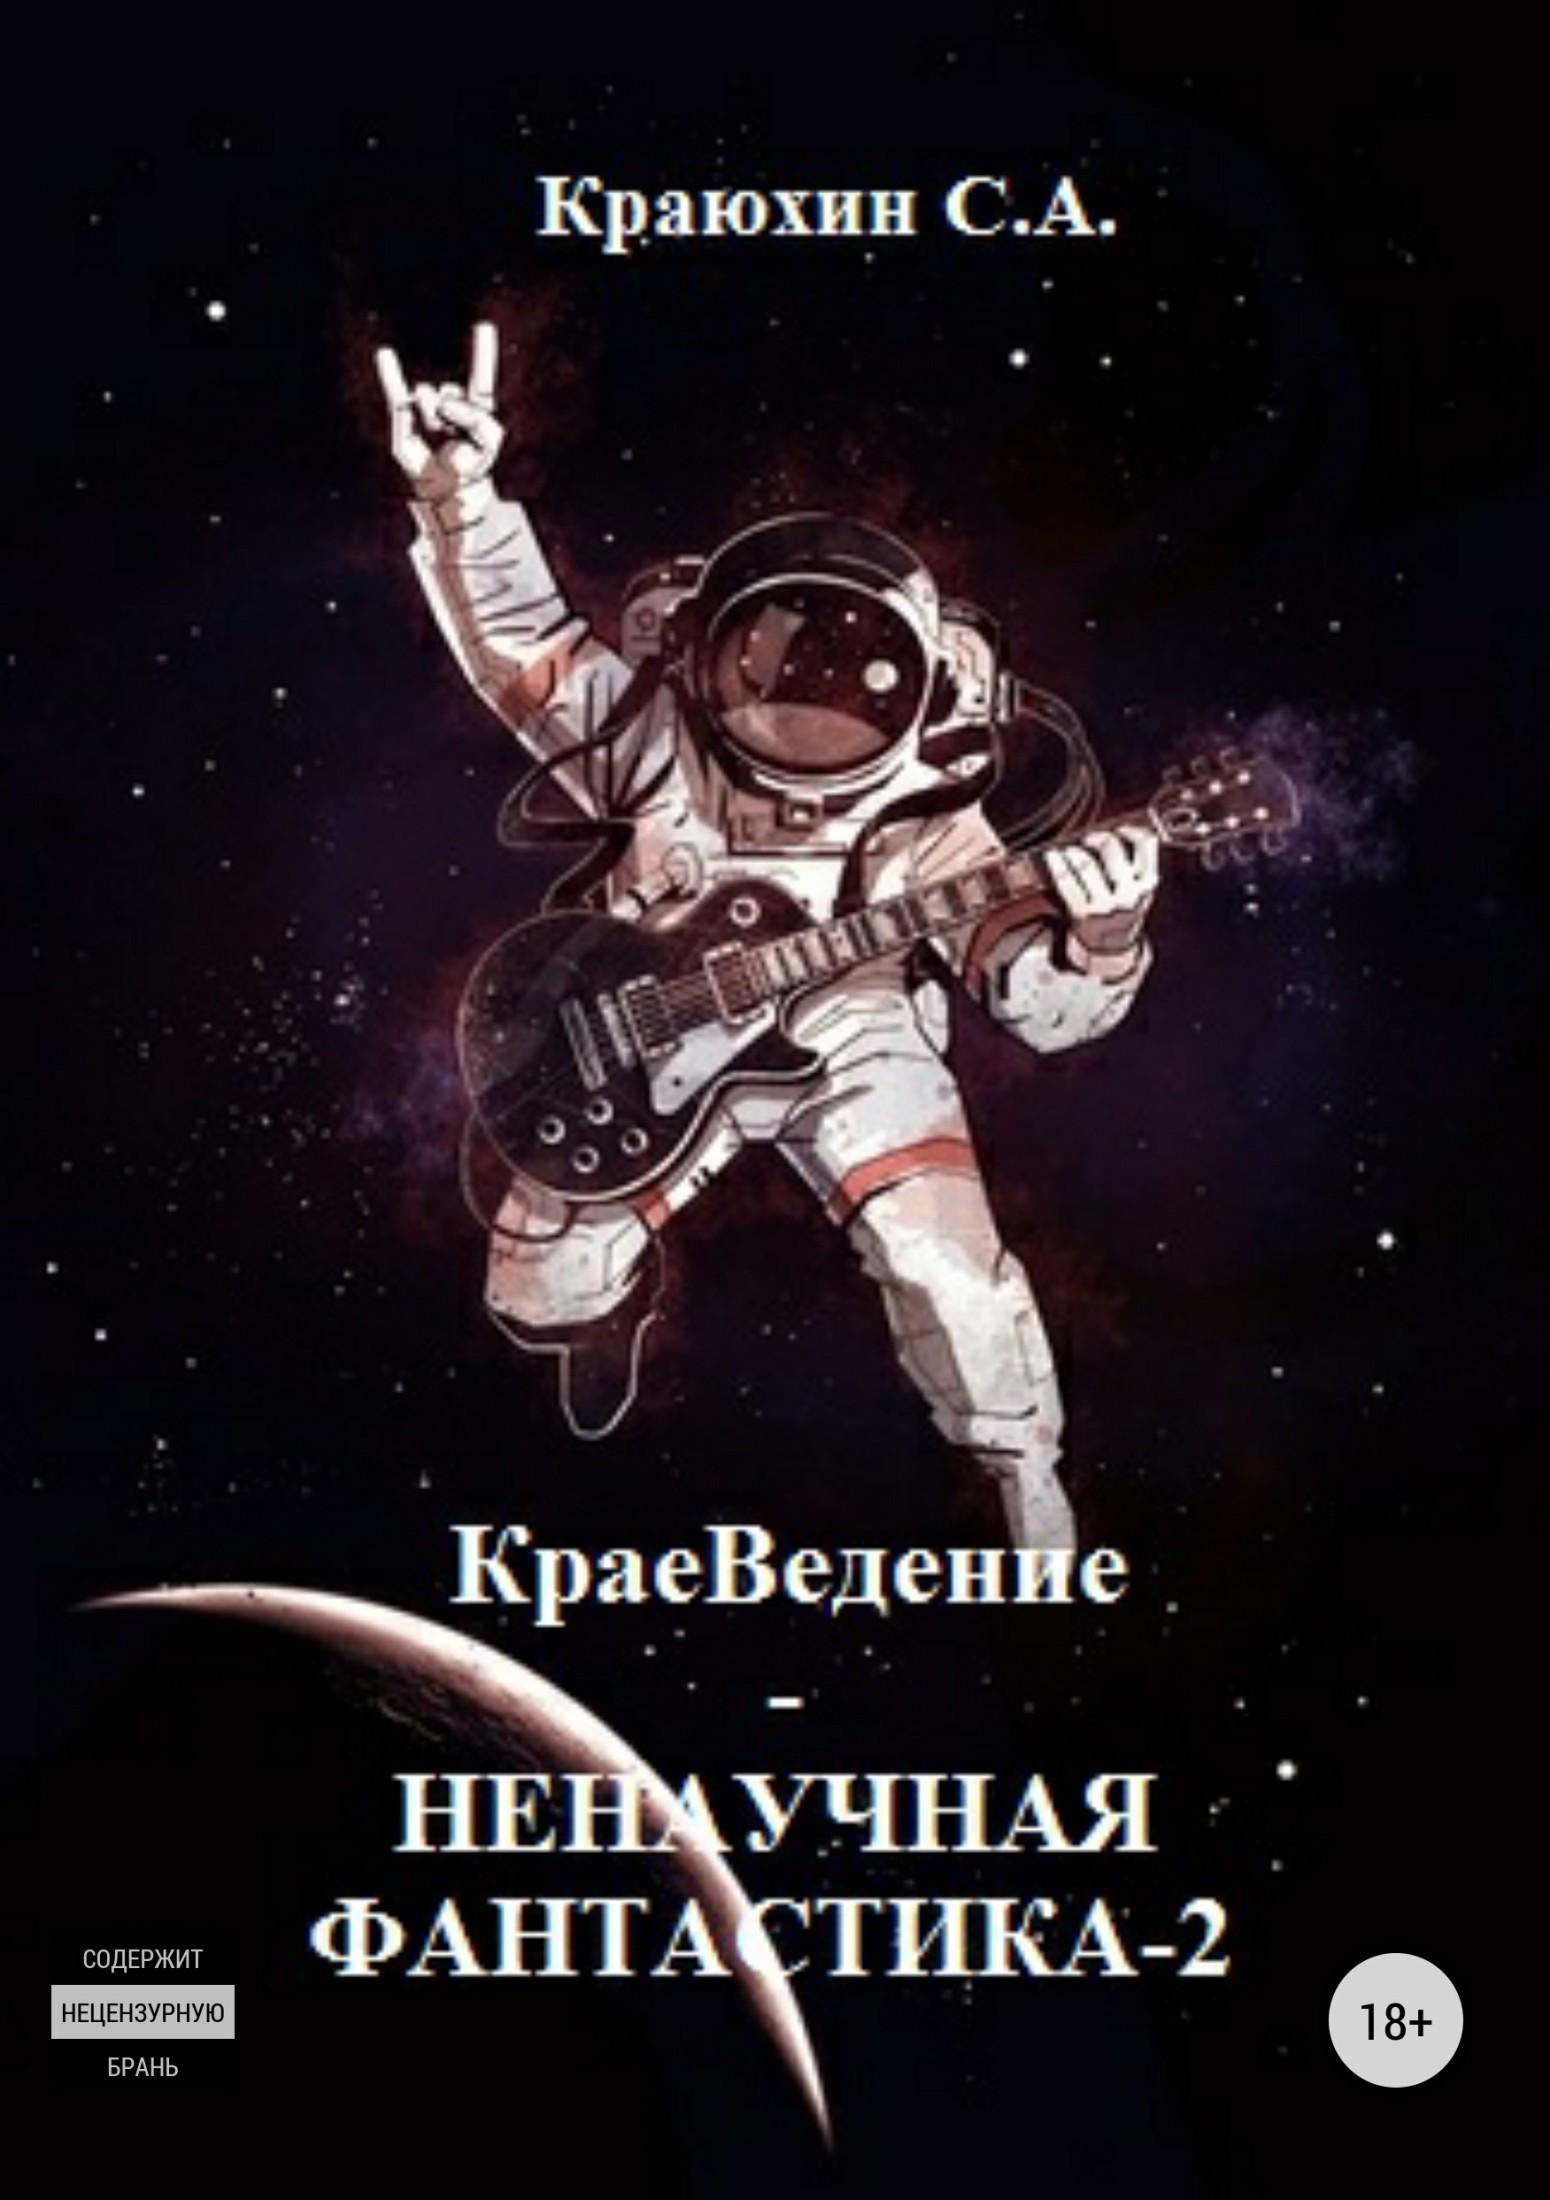 Сергей Александрович Краюхин КраеВедение! Ненаучная фантастика 2 жюль верн север против юга сквозь блокаду